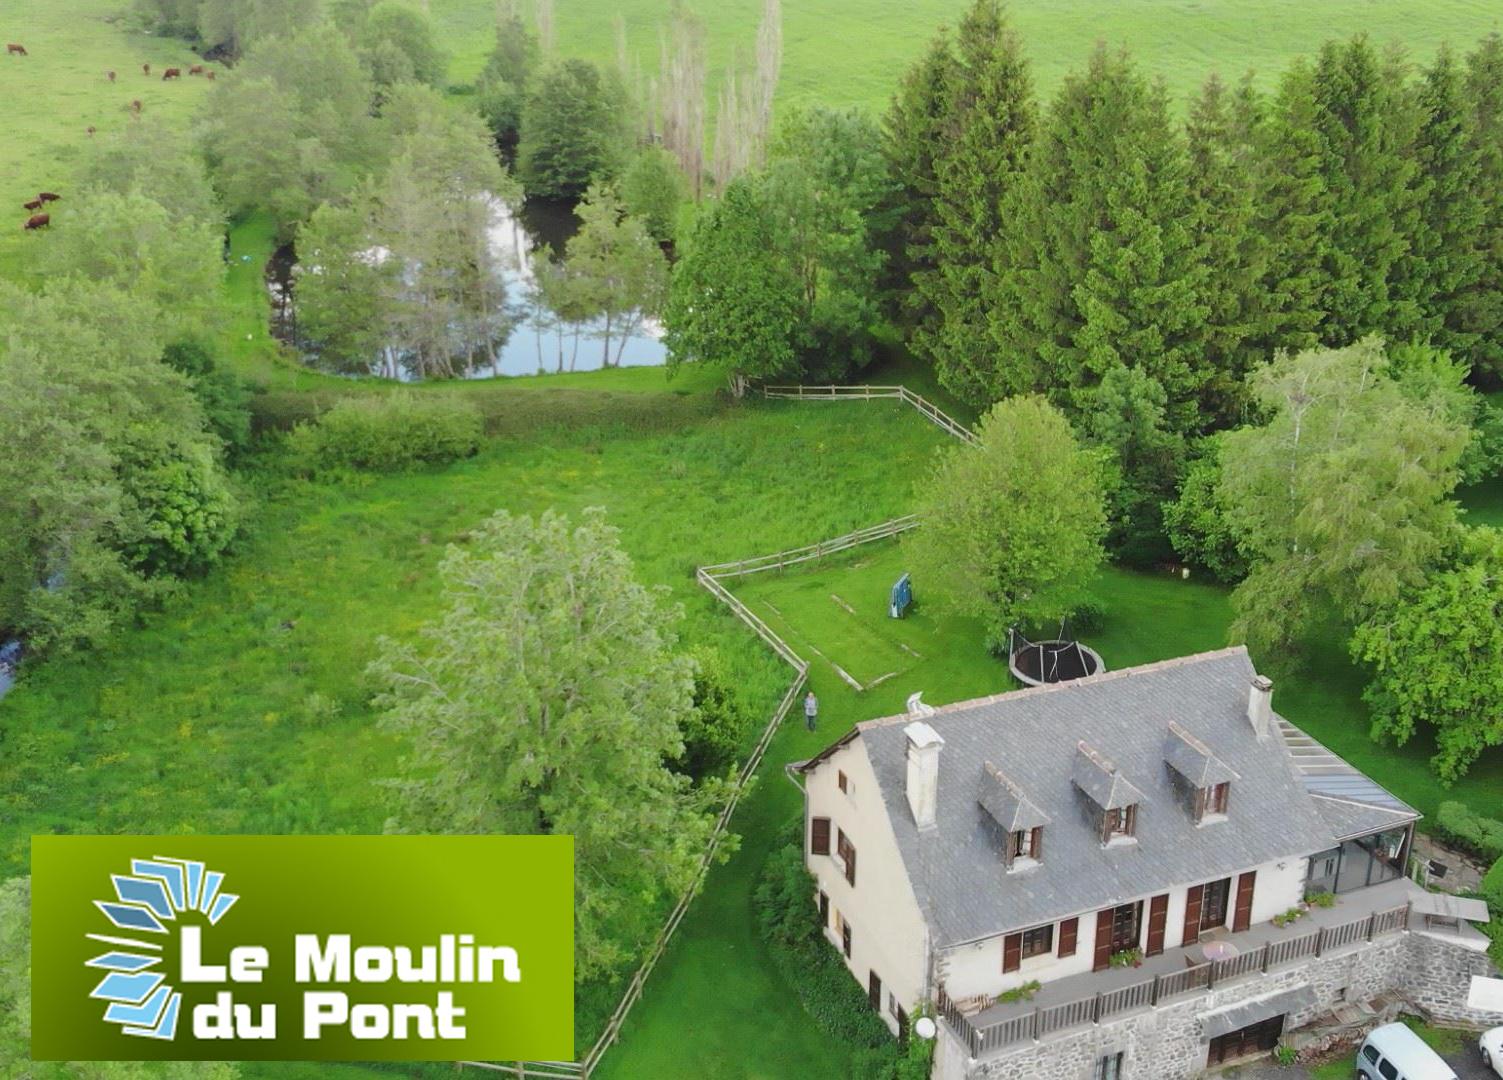 Le Moulin du Pont, Saint-Bonnet-de-Salers